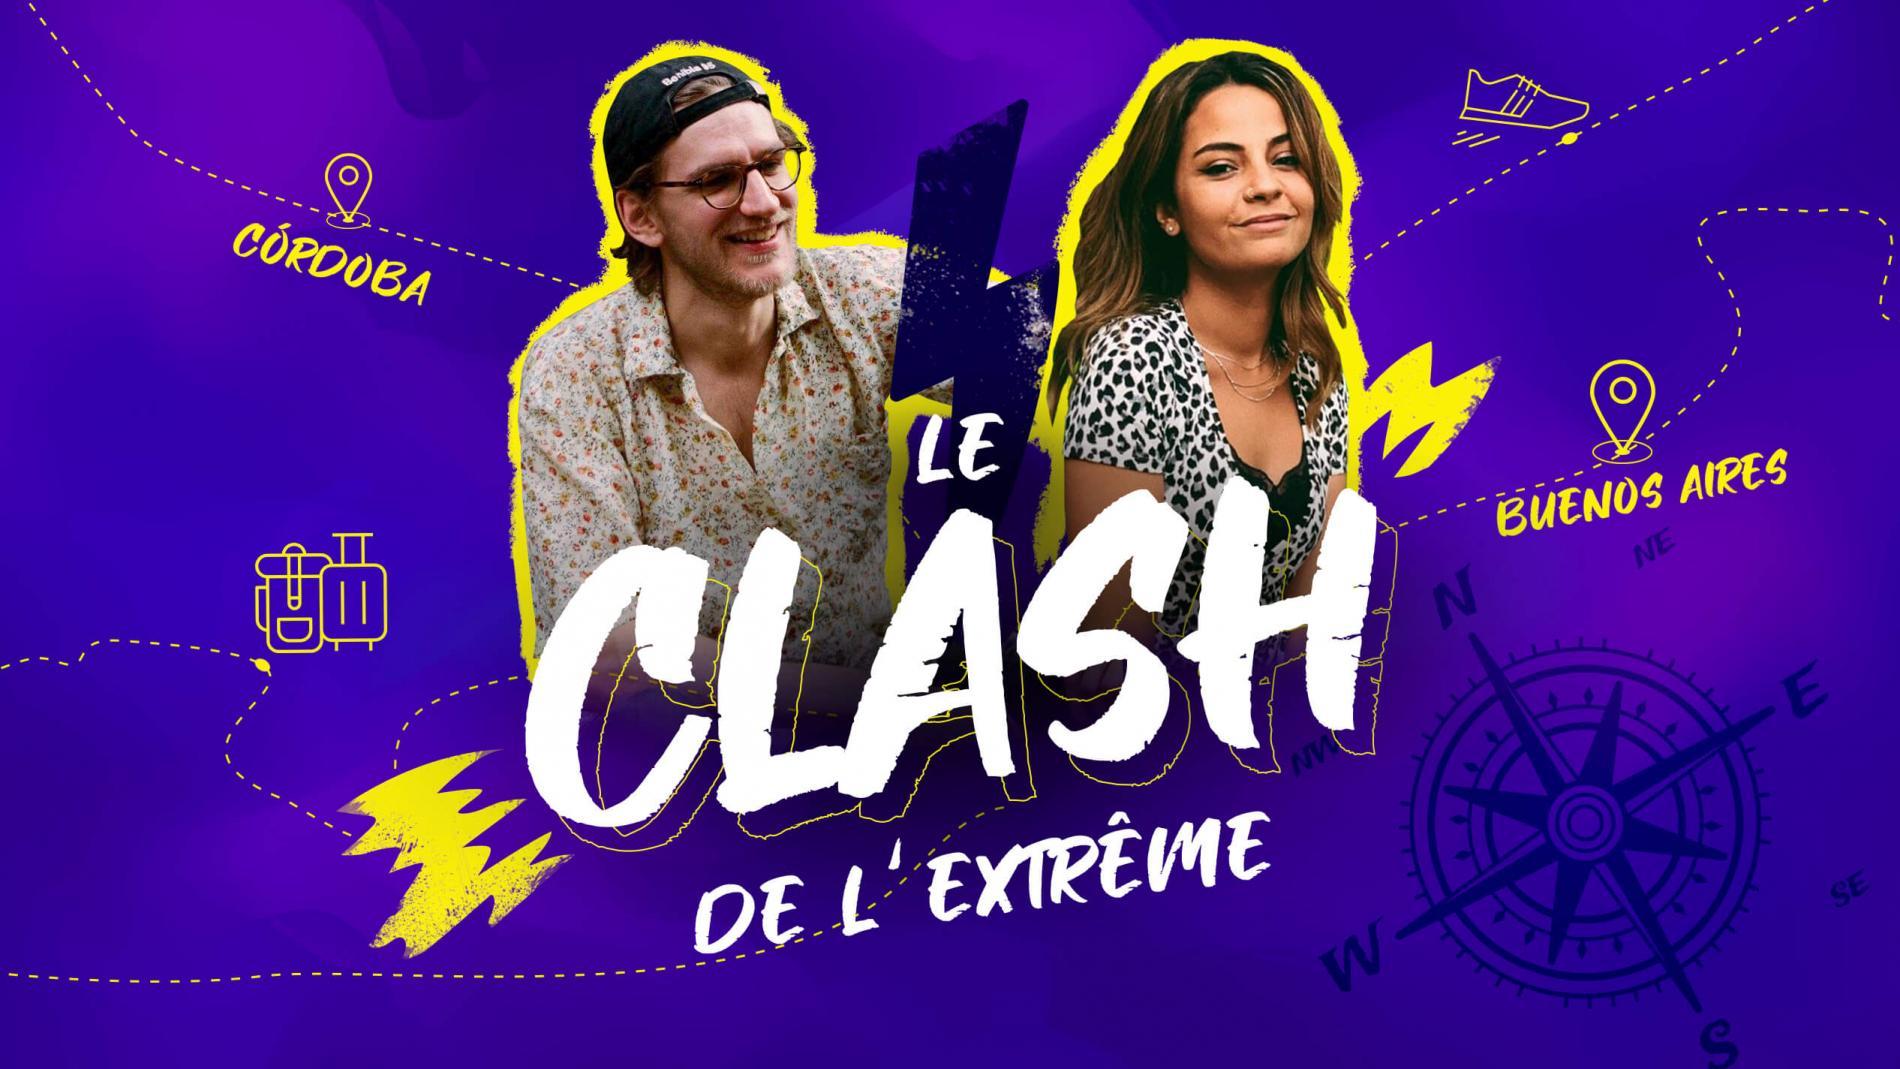 Clash de l'Extreme